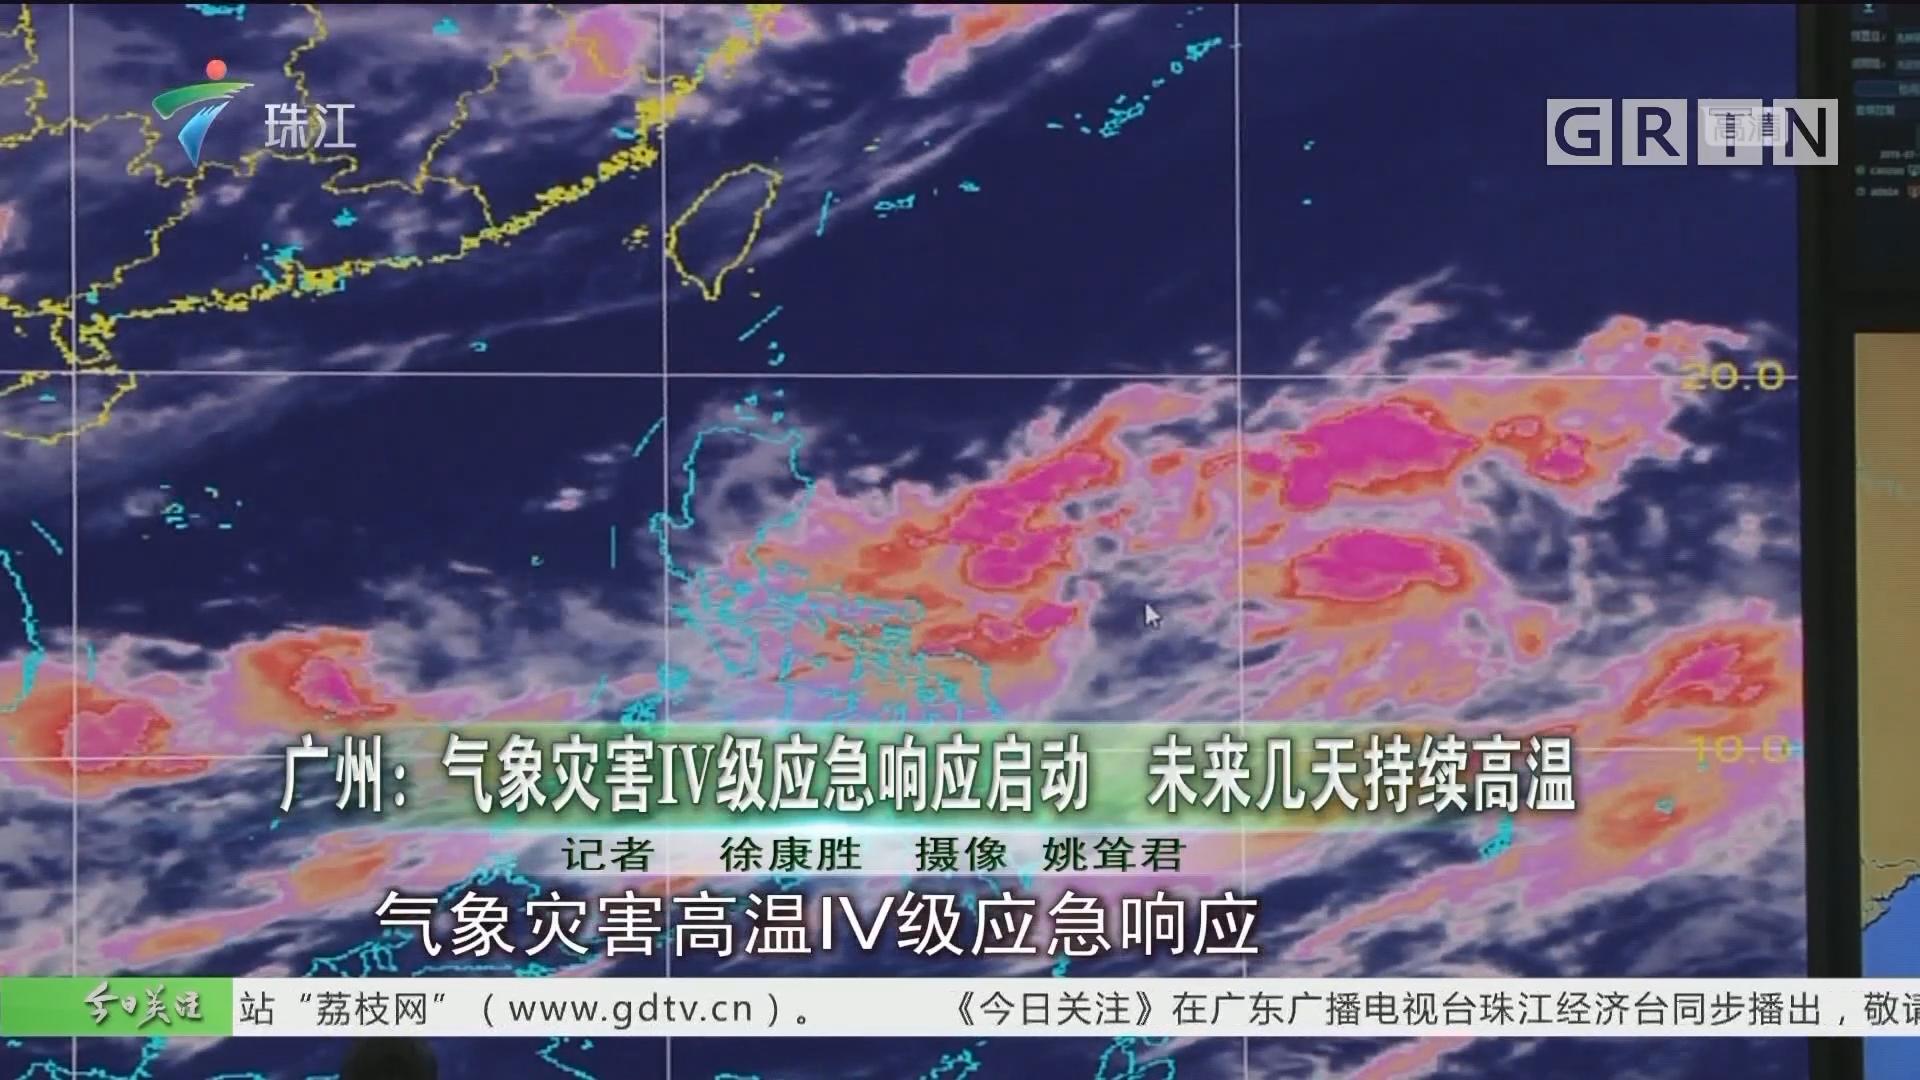 广州:气象灾害IV级应急响应启动 未来几天持续高温